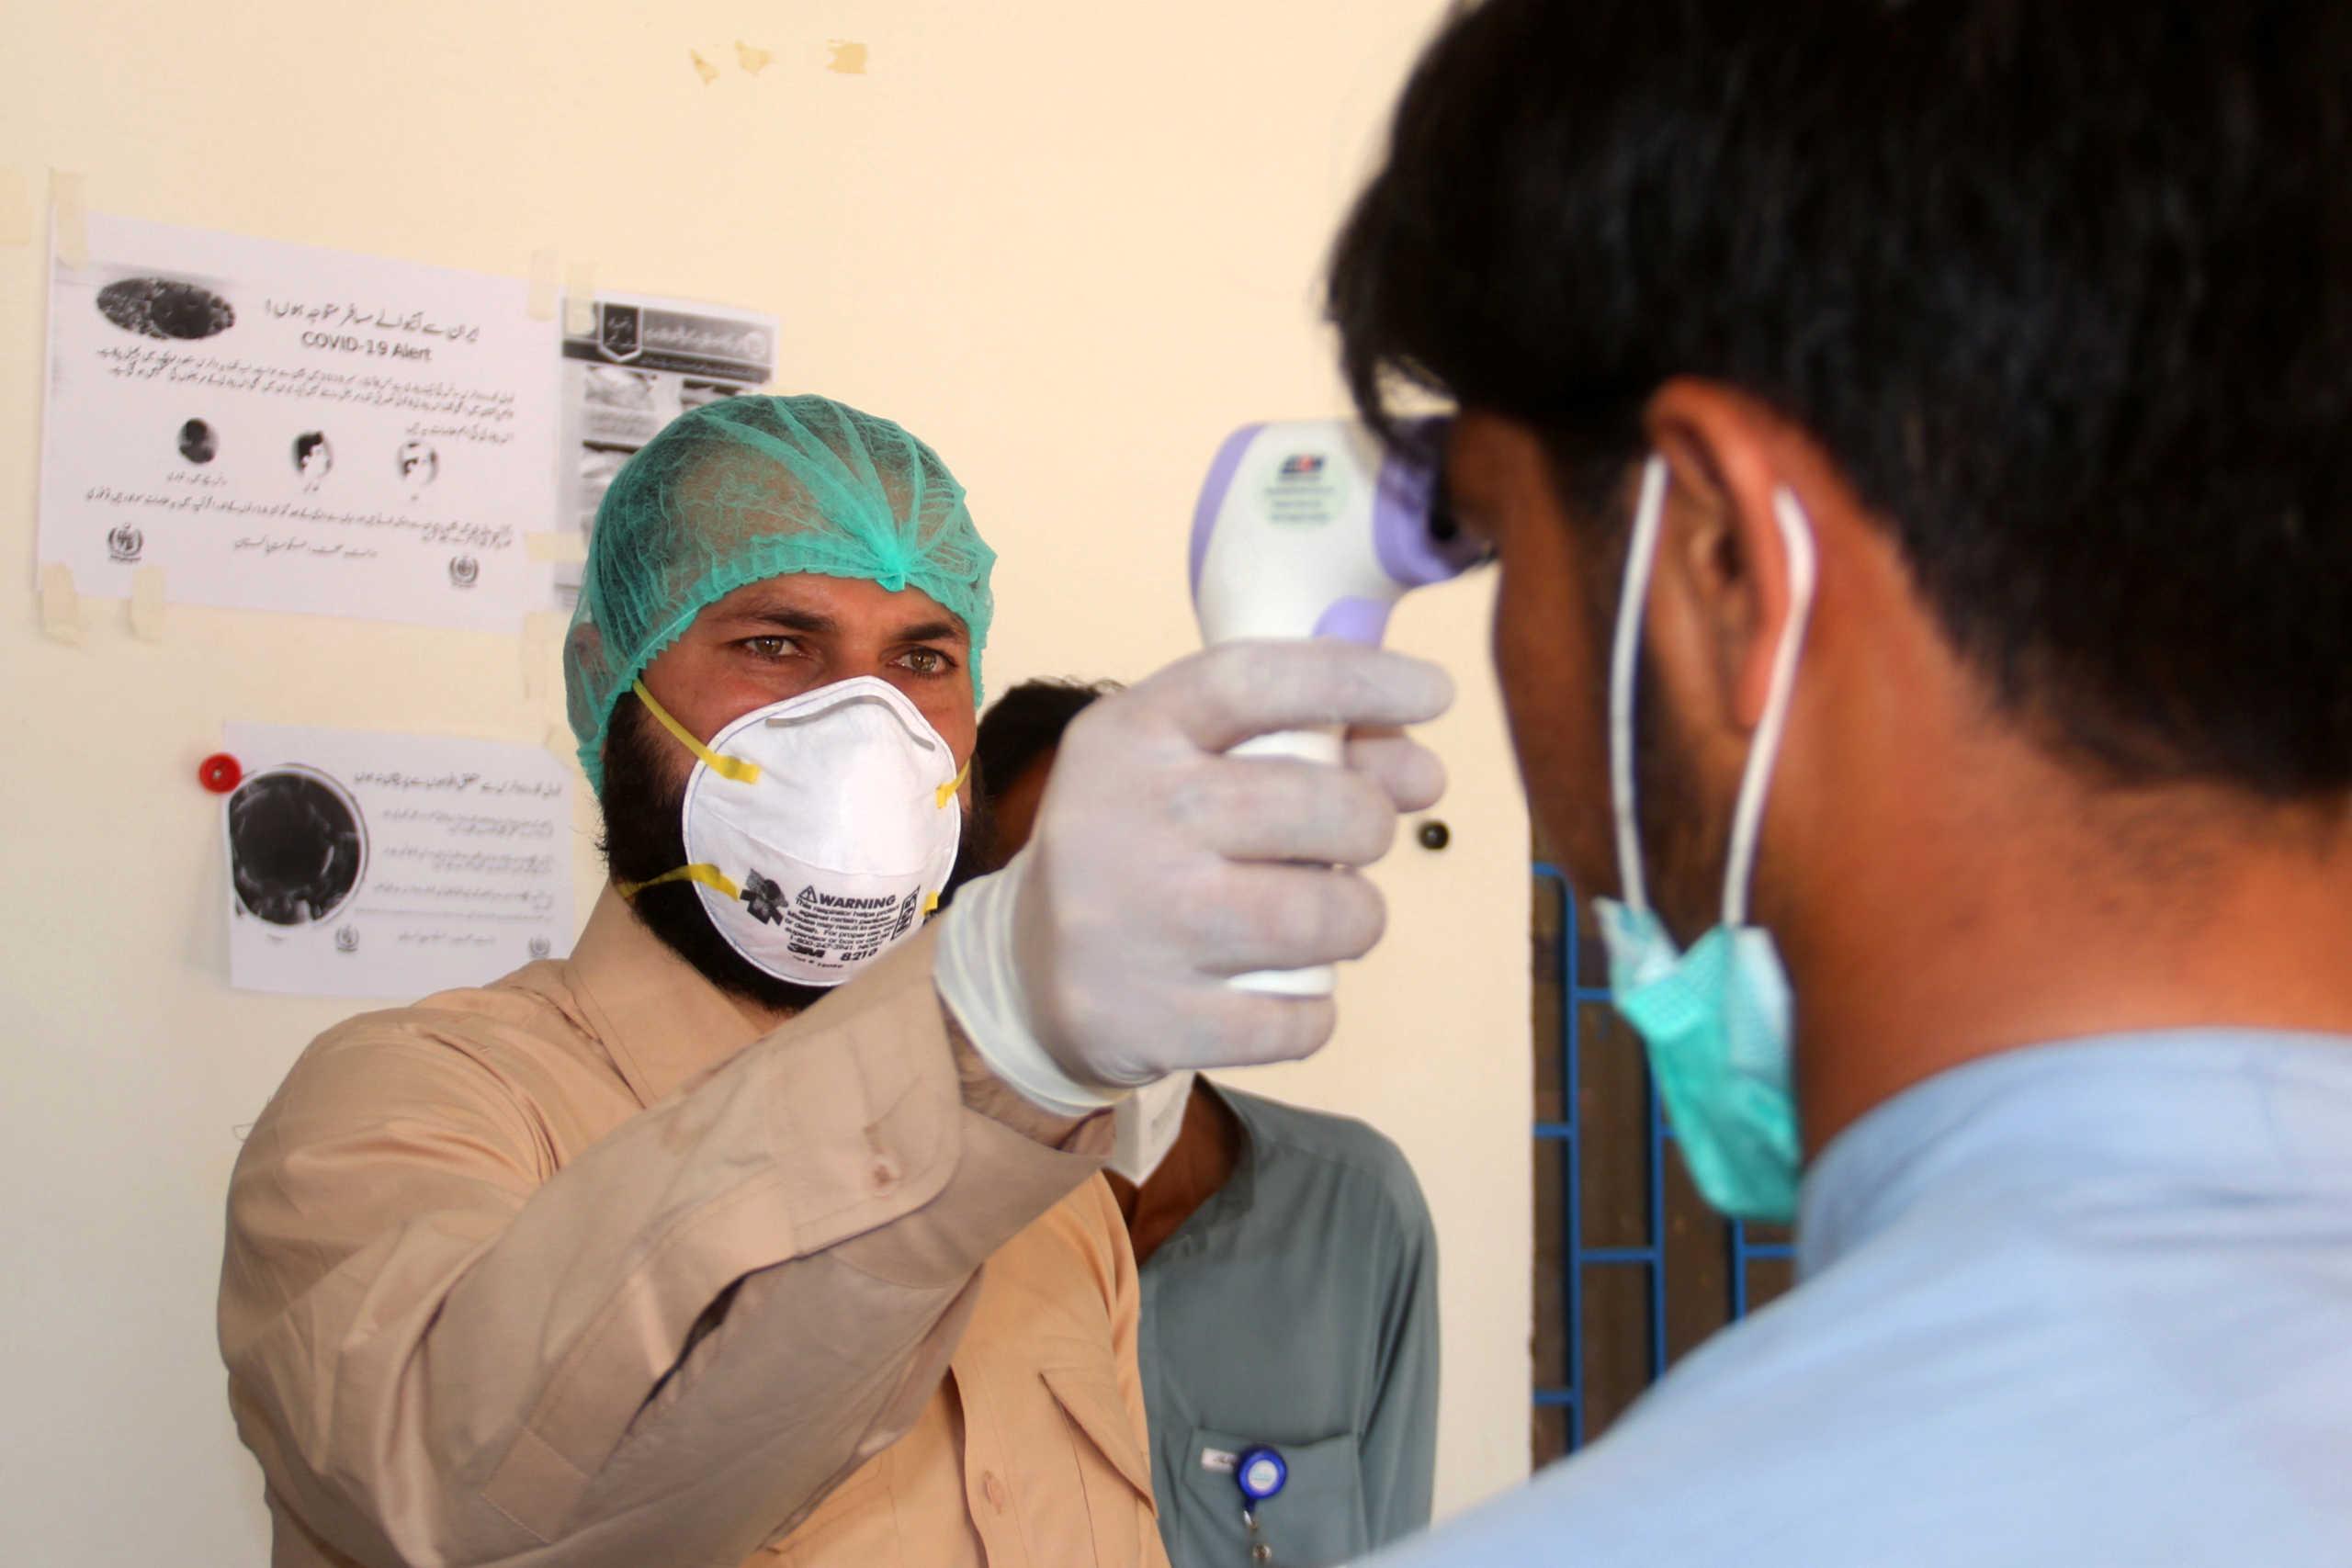 Κορονοϊός: Η πορεία του φονικού ιού το τελευταίο 24ωρο στον κόσμο